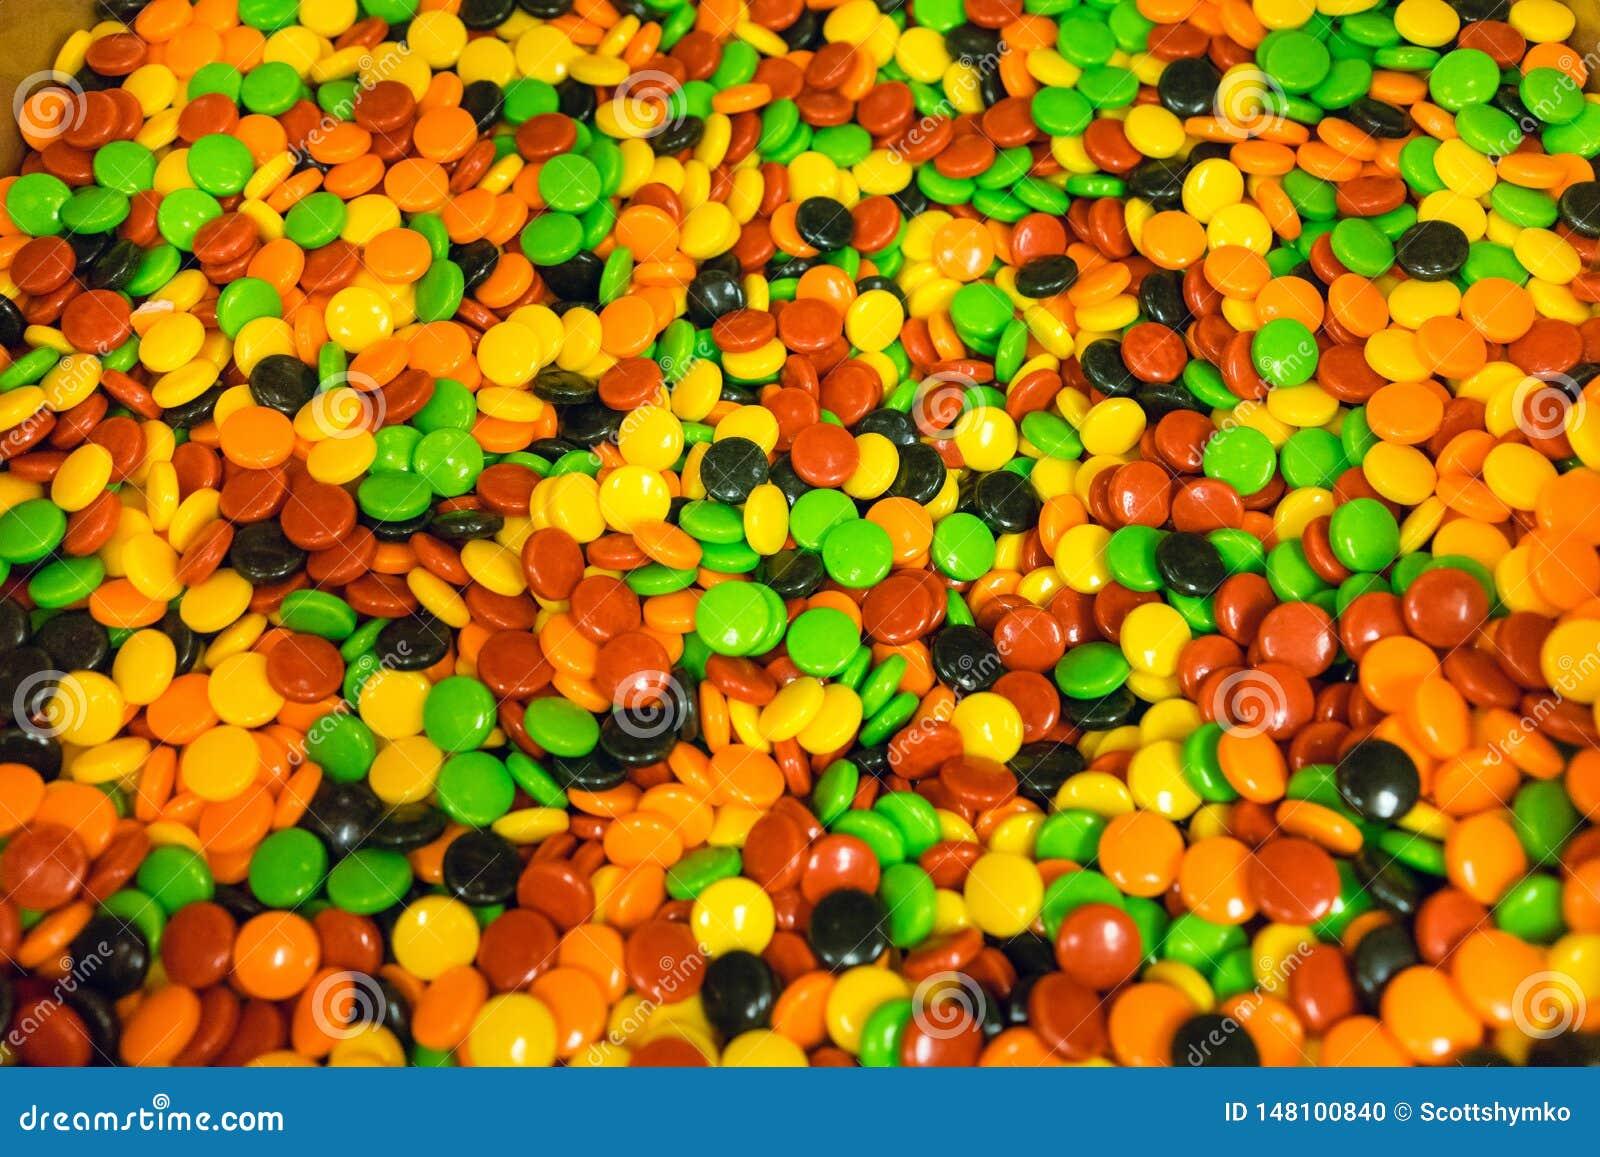 Ящик вполне красочной трудной конфеты